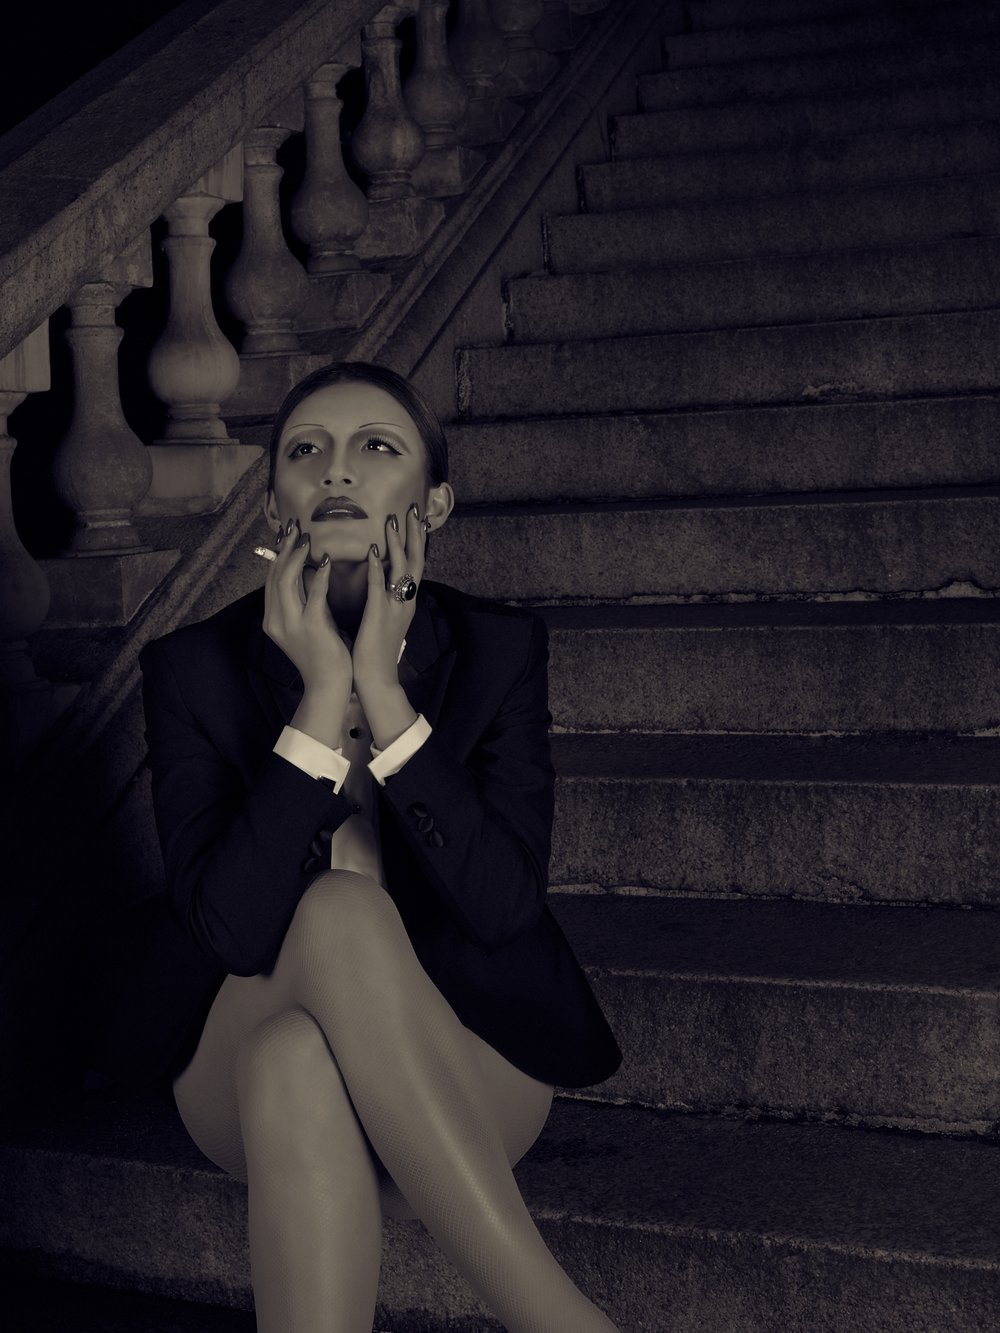 Marlene Dietrich B&W 1--UnknownManualCenter-weighted average.jpg